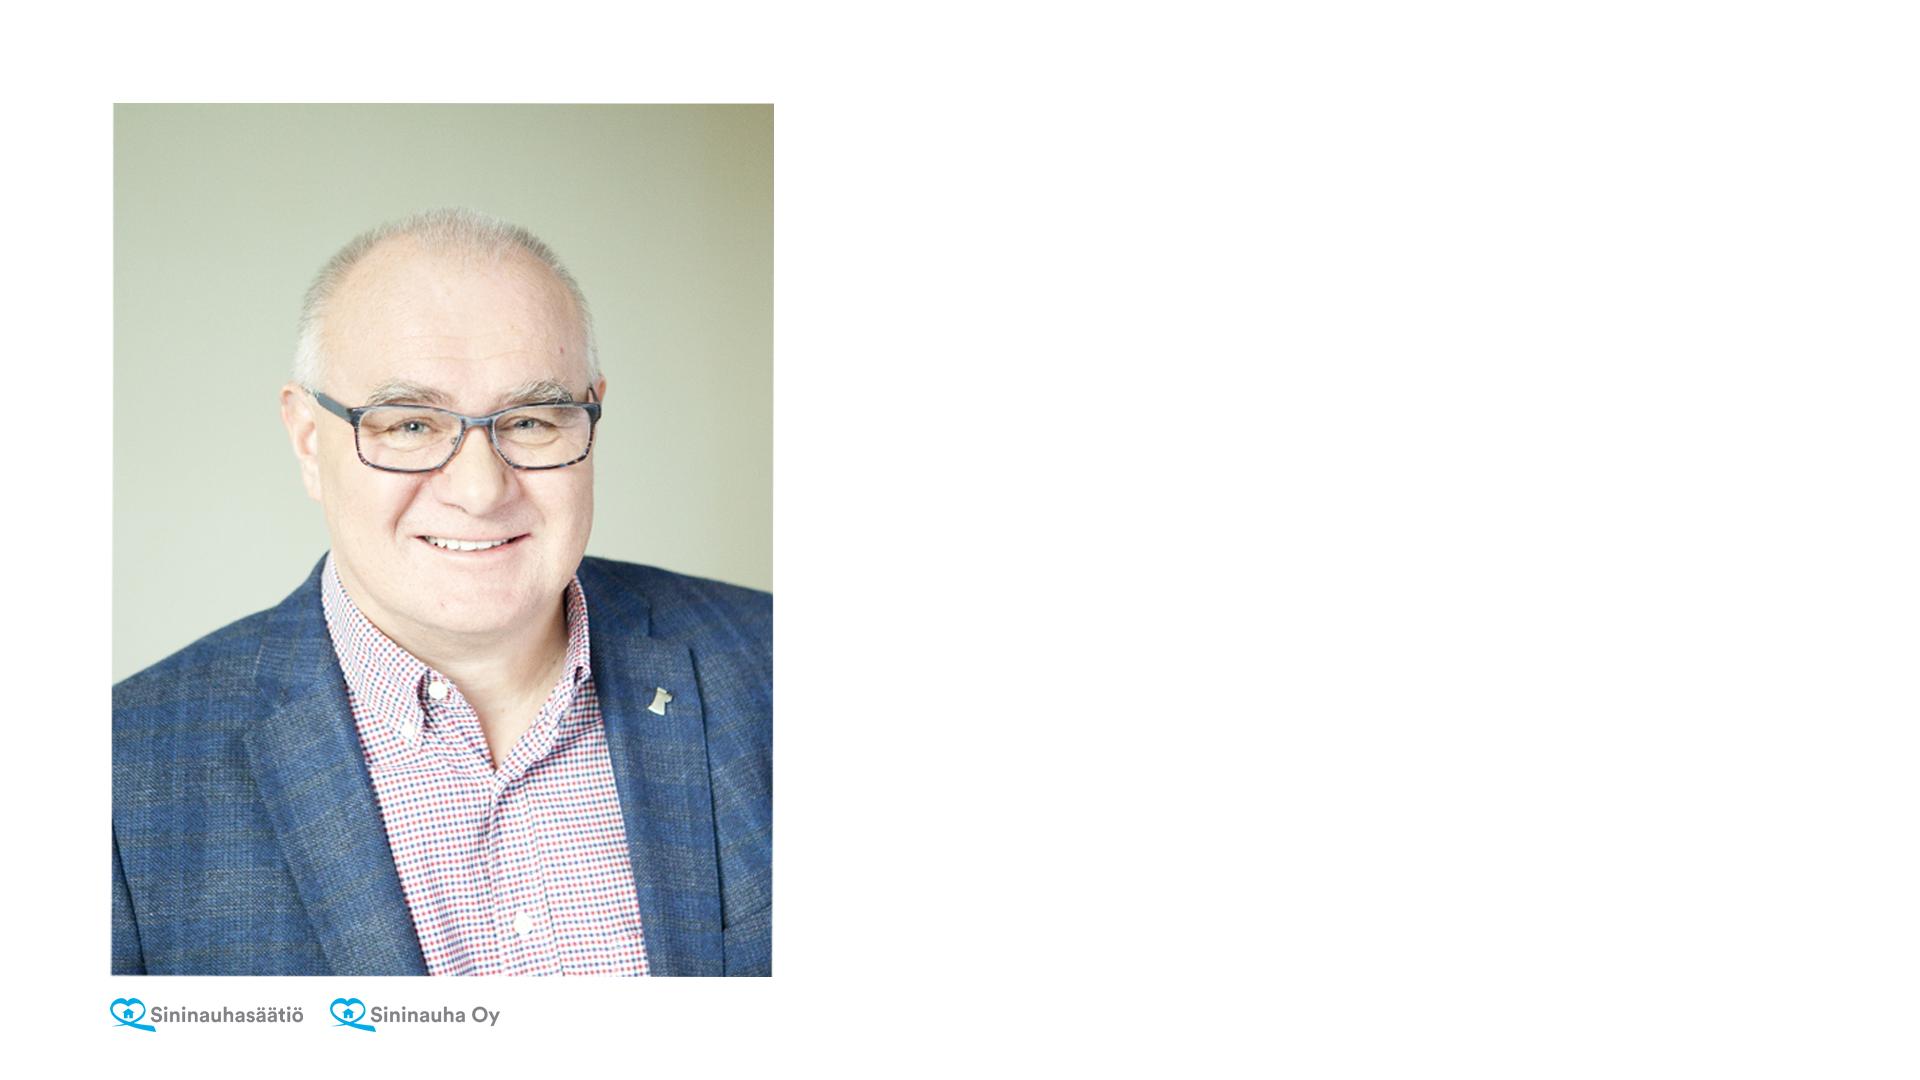 Sininauhasäätiö-konsernin toimitusjohtajaksi on valittu Kimmo Karvonen.